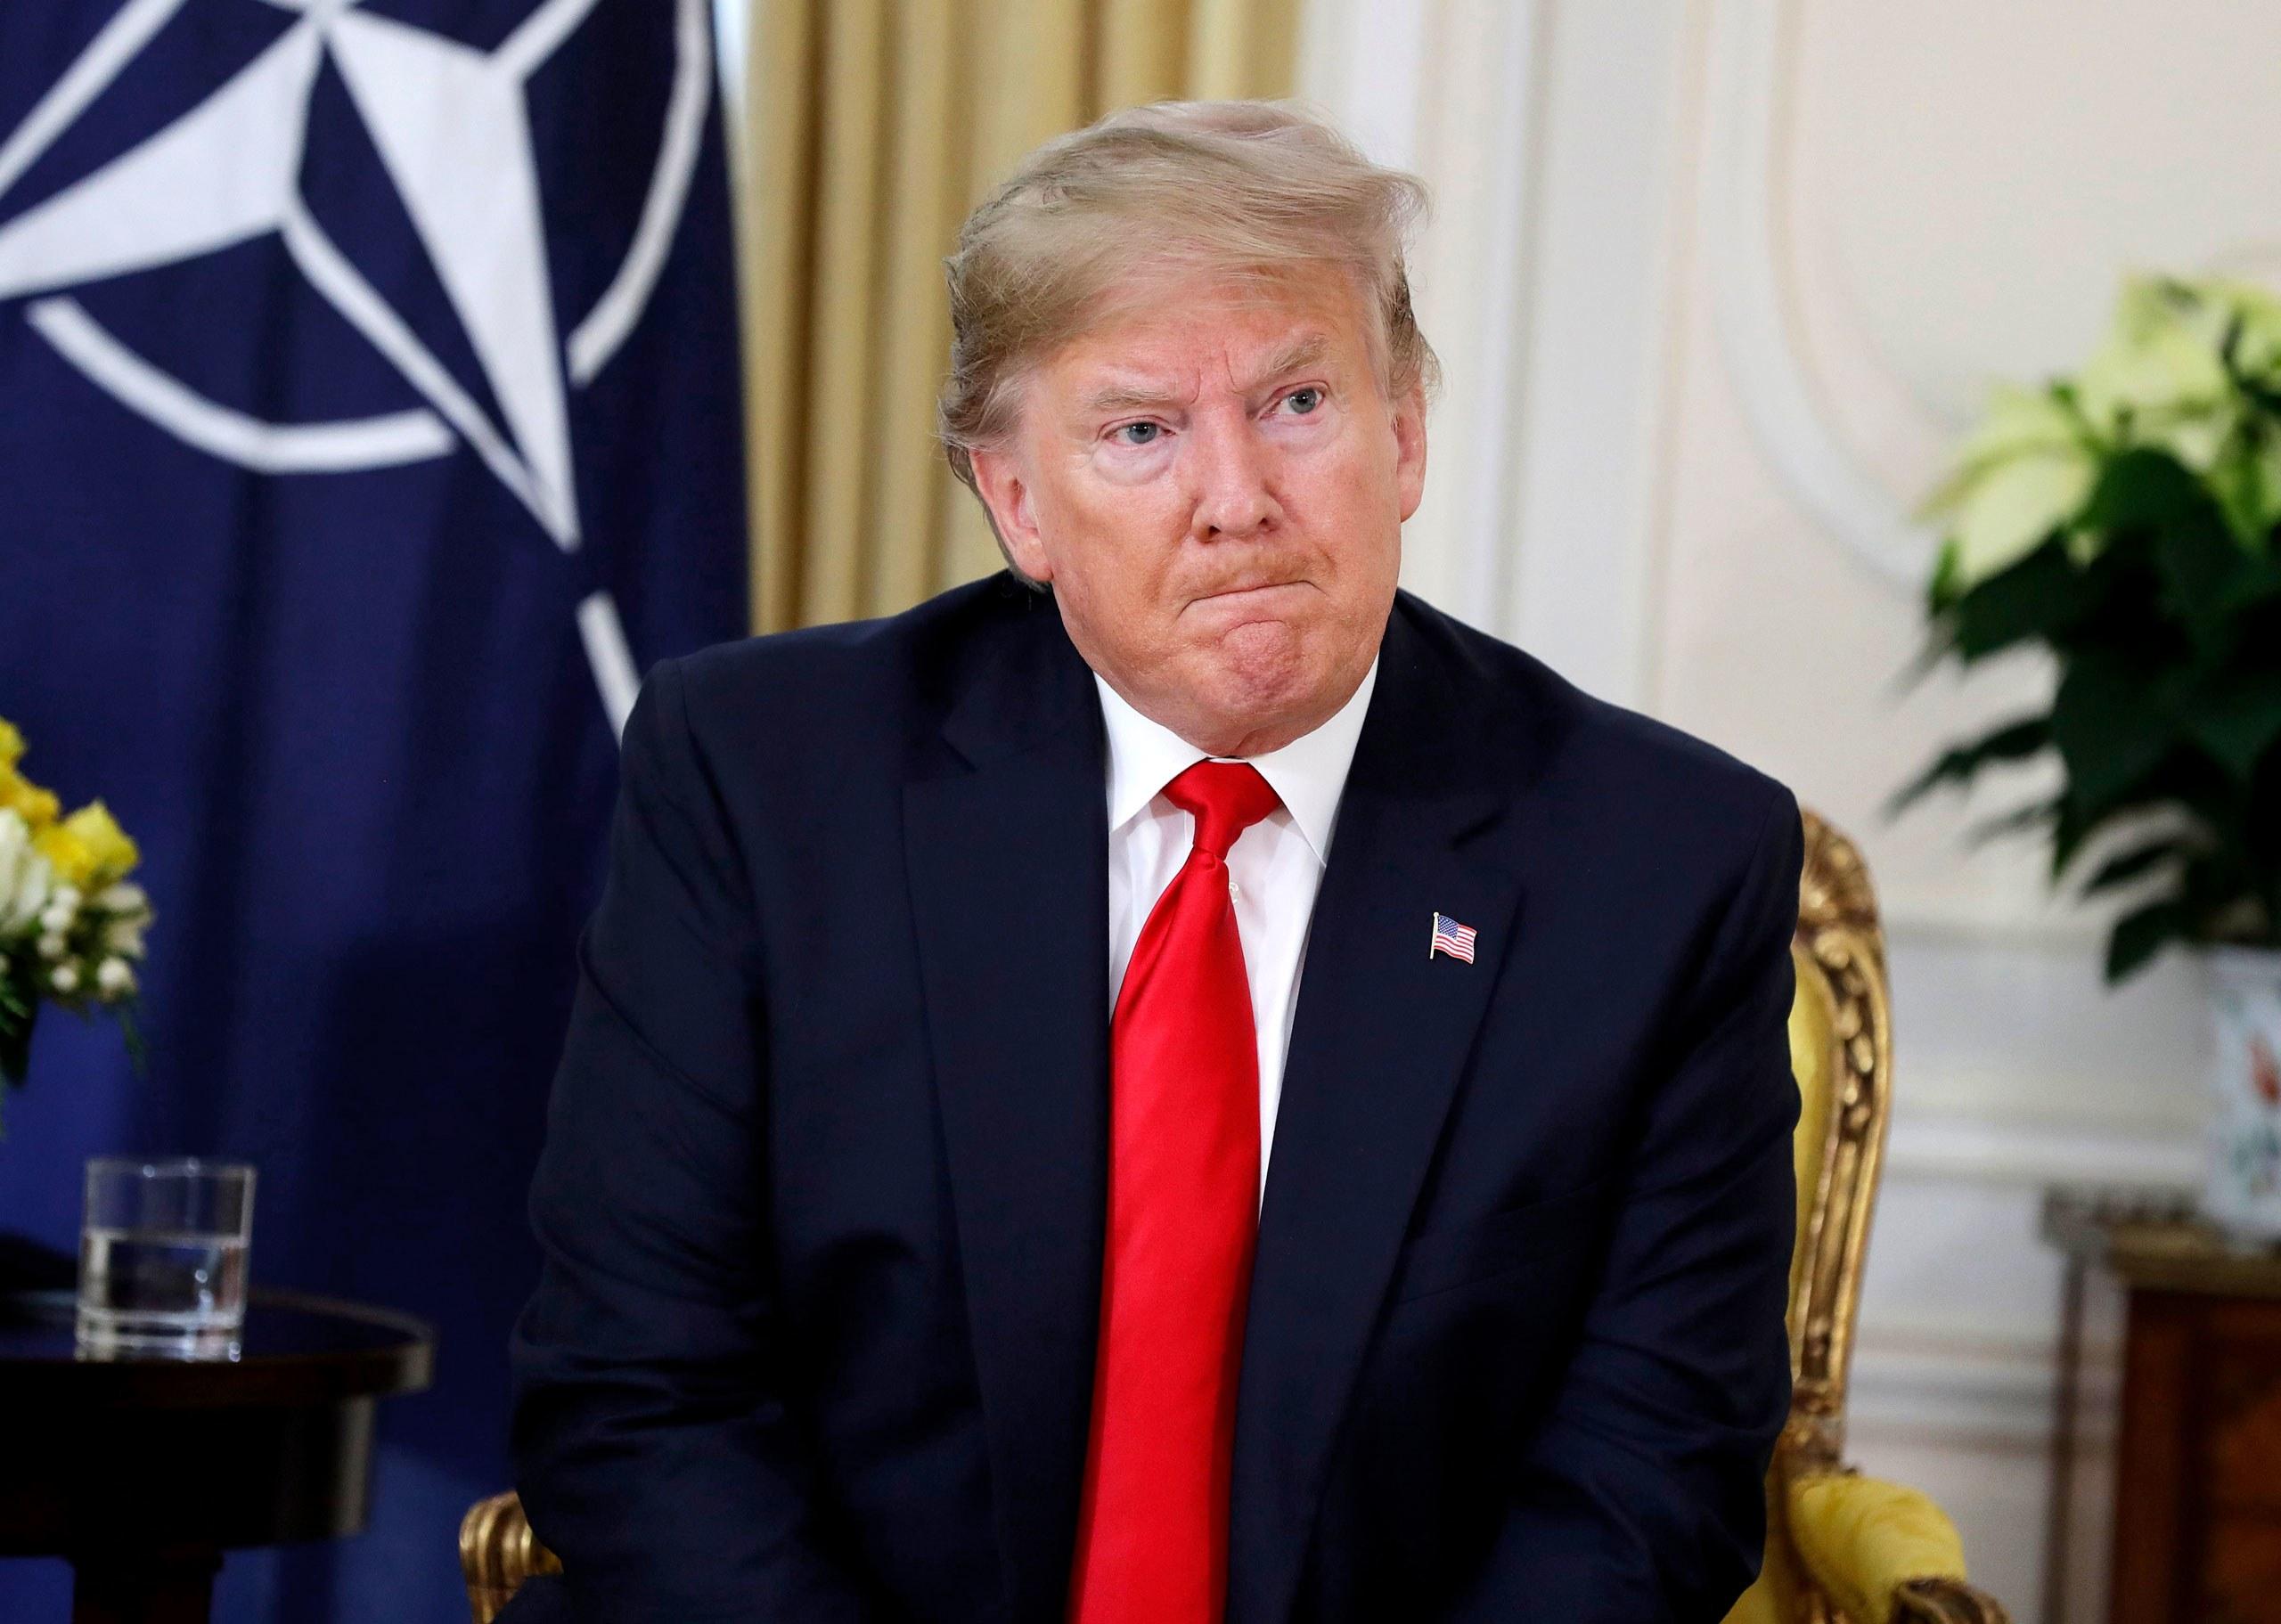 Donald Trump'tan açıklama: Uzlaşmaya vardık